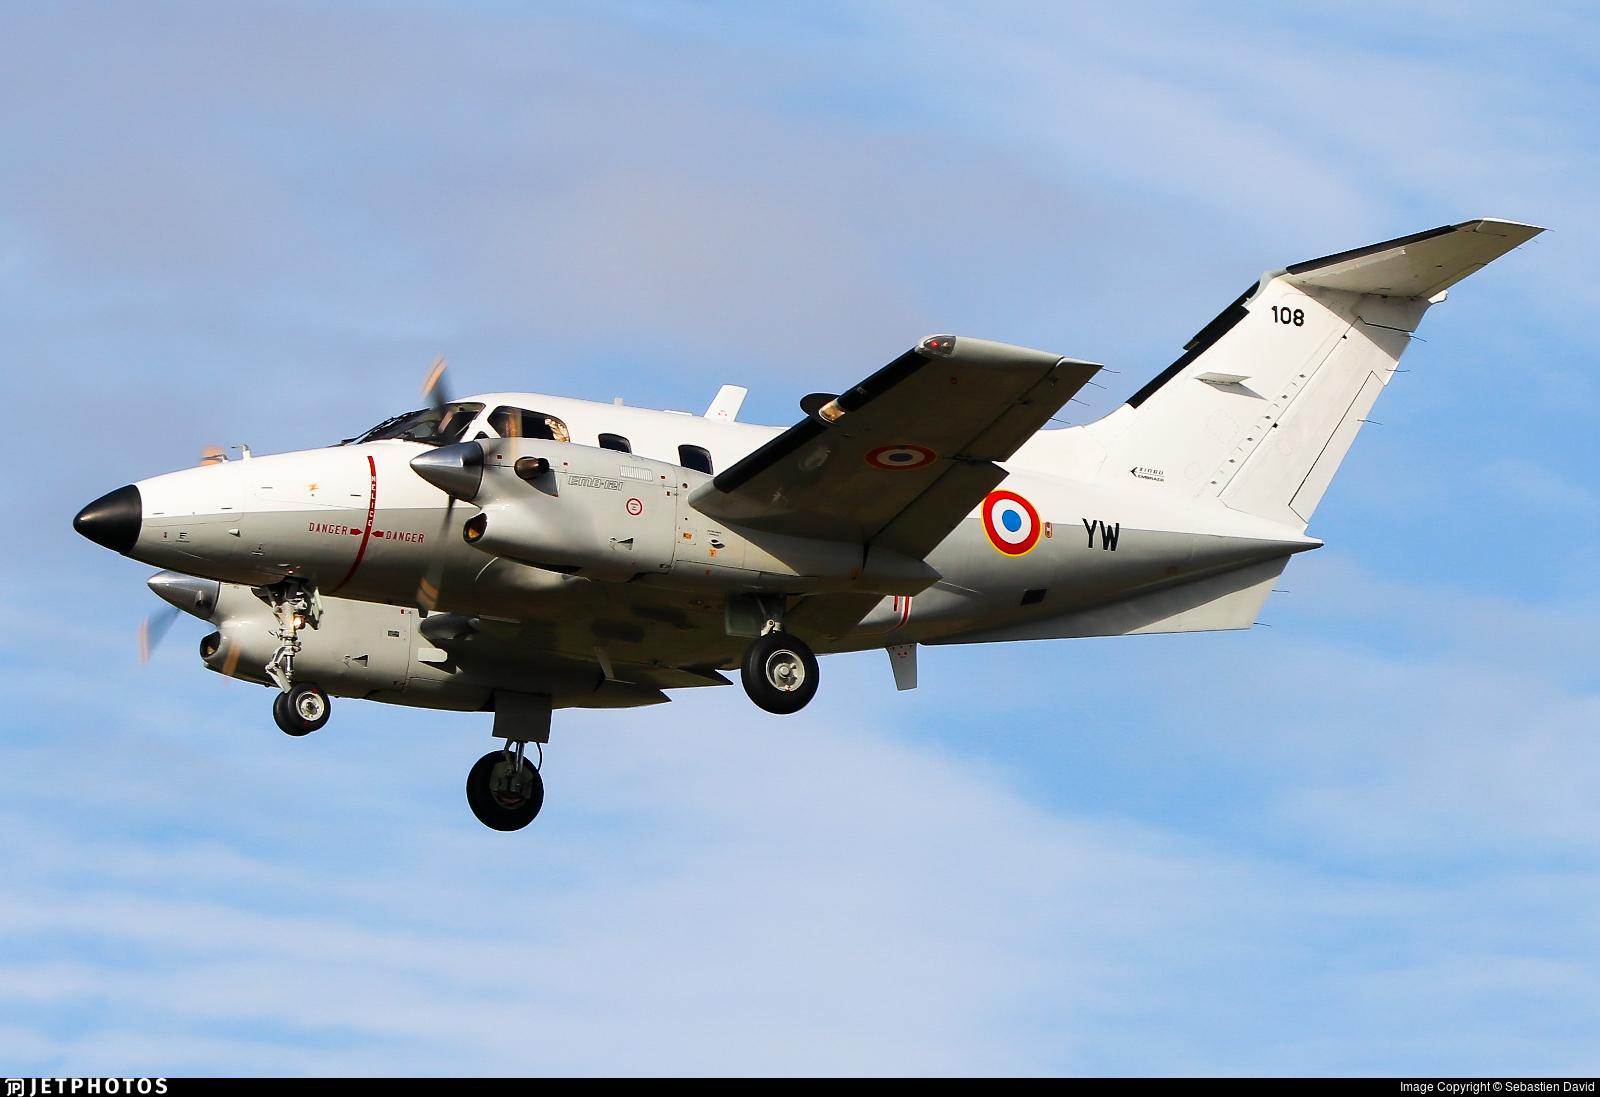 108 - Embraer EMB-121AA Xingú - France - Air Force